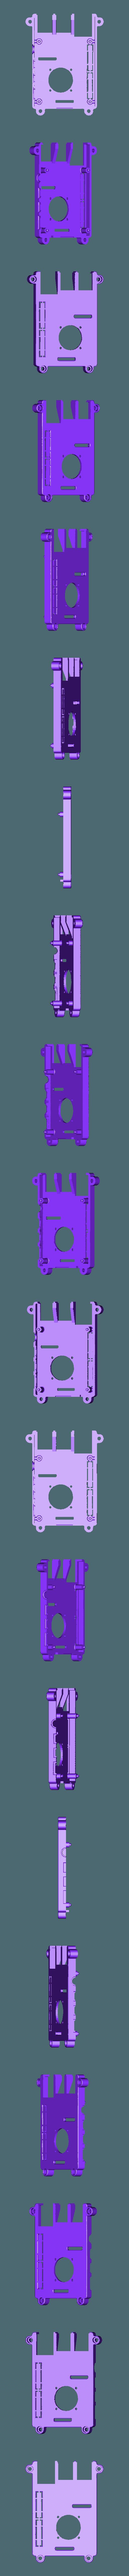 SLIM_25MM_SLOTTED_BLANK.STL Télécharger fichier STL gratuit Étui Pi 4B Framboise Framboise • Objet pour imprimante 3D, mkellsy